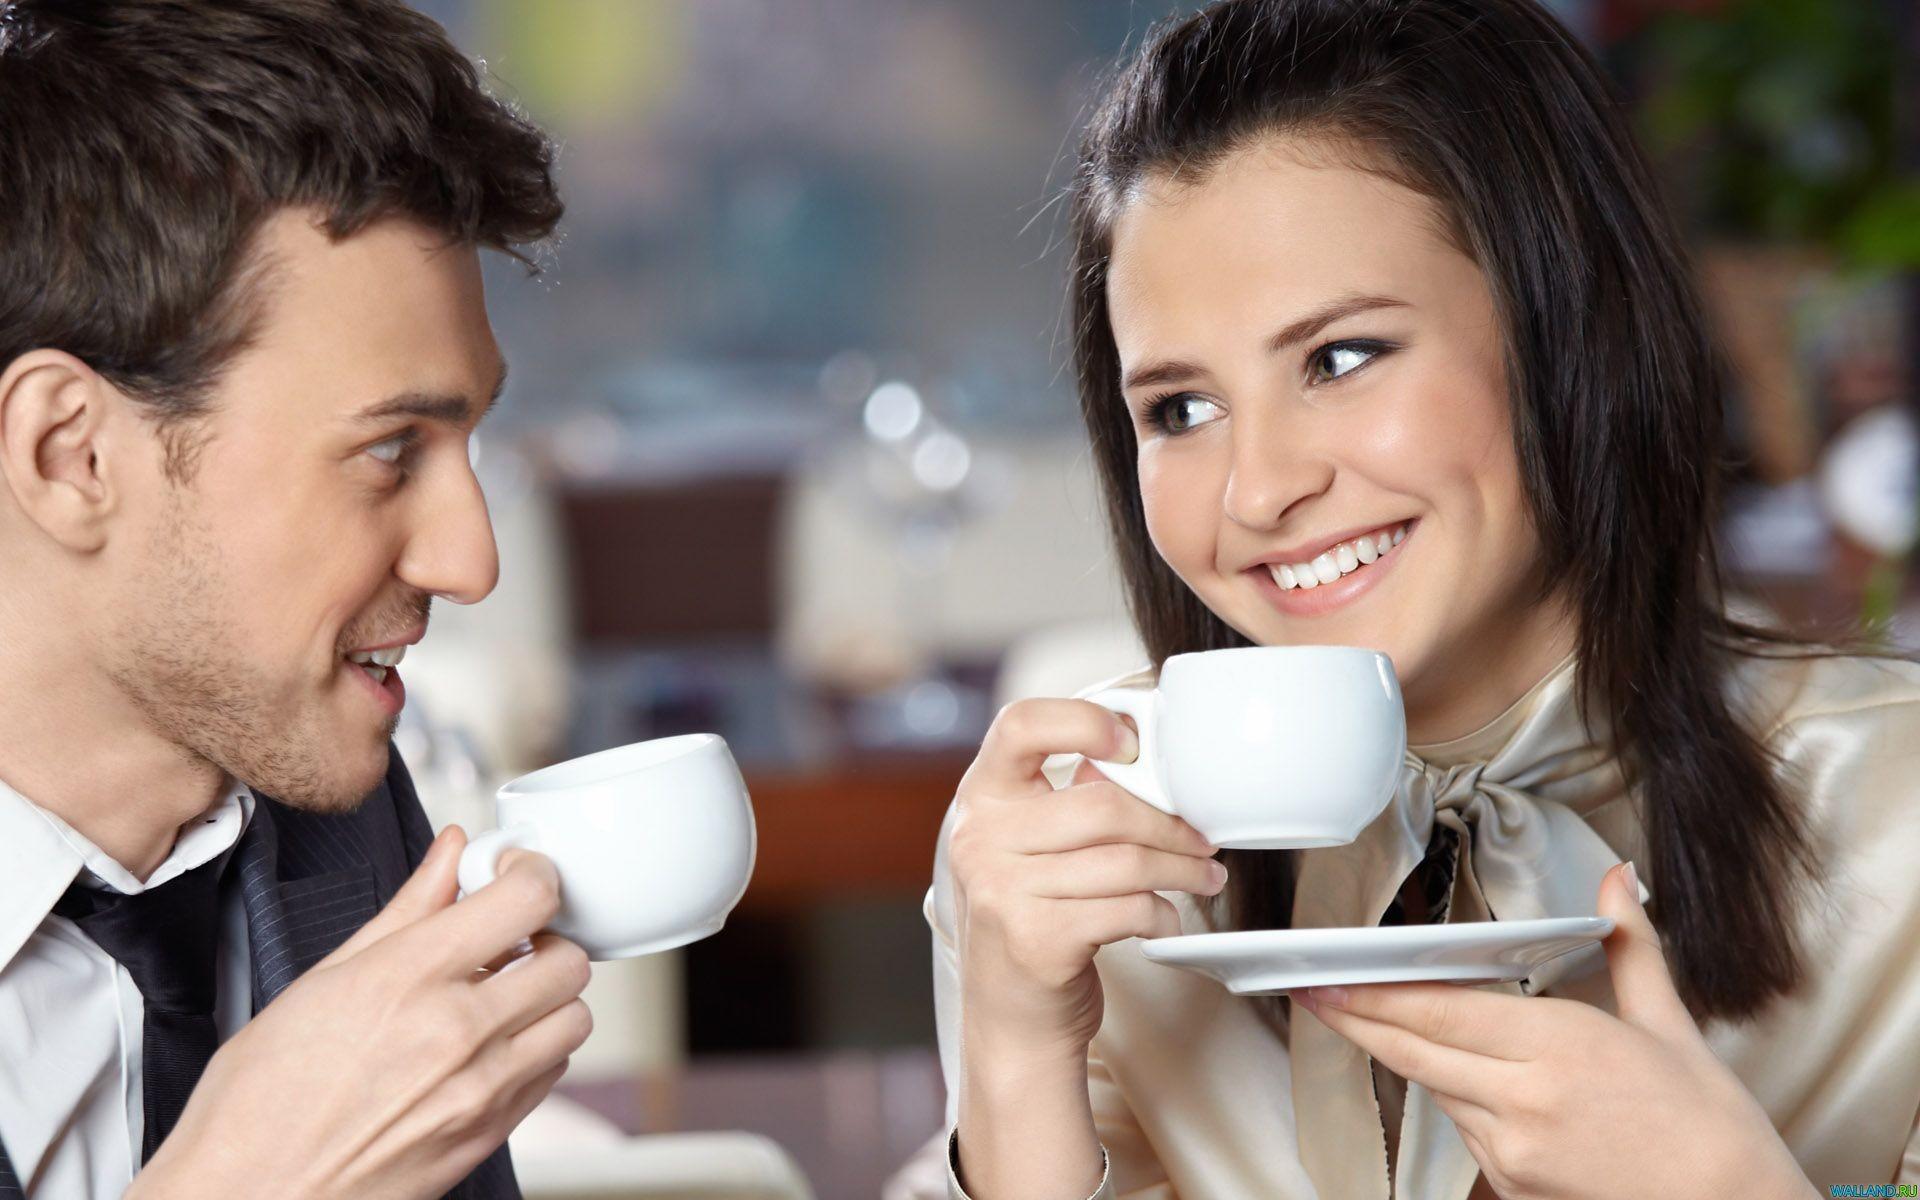 Злоупотребление кофе опасно для женского здоровья— Ученые